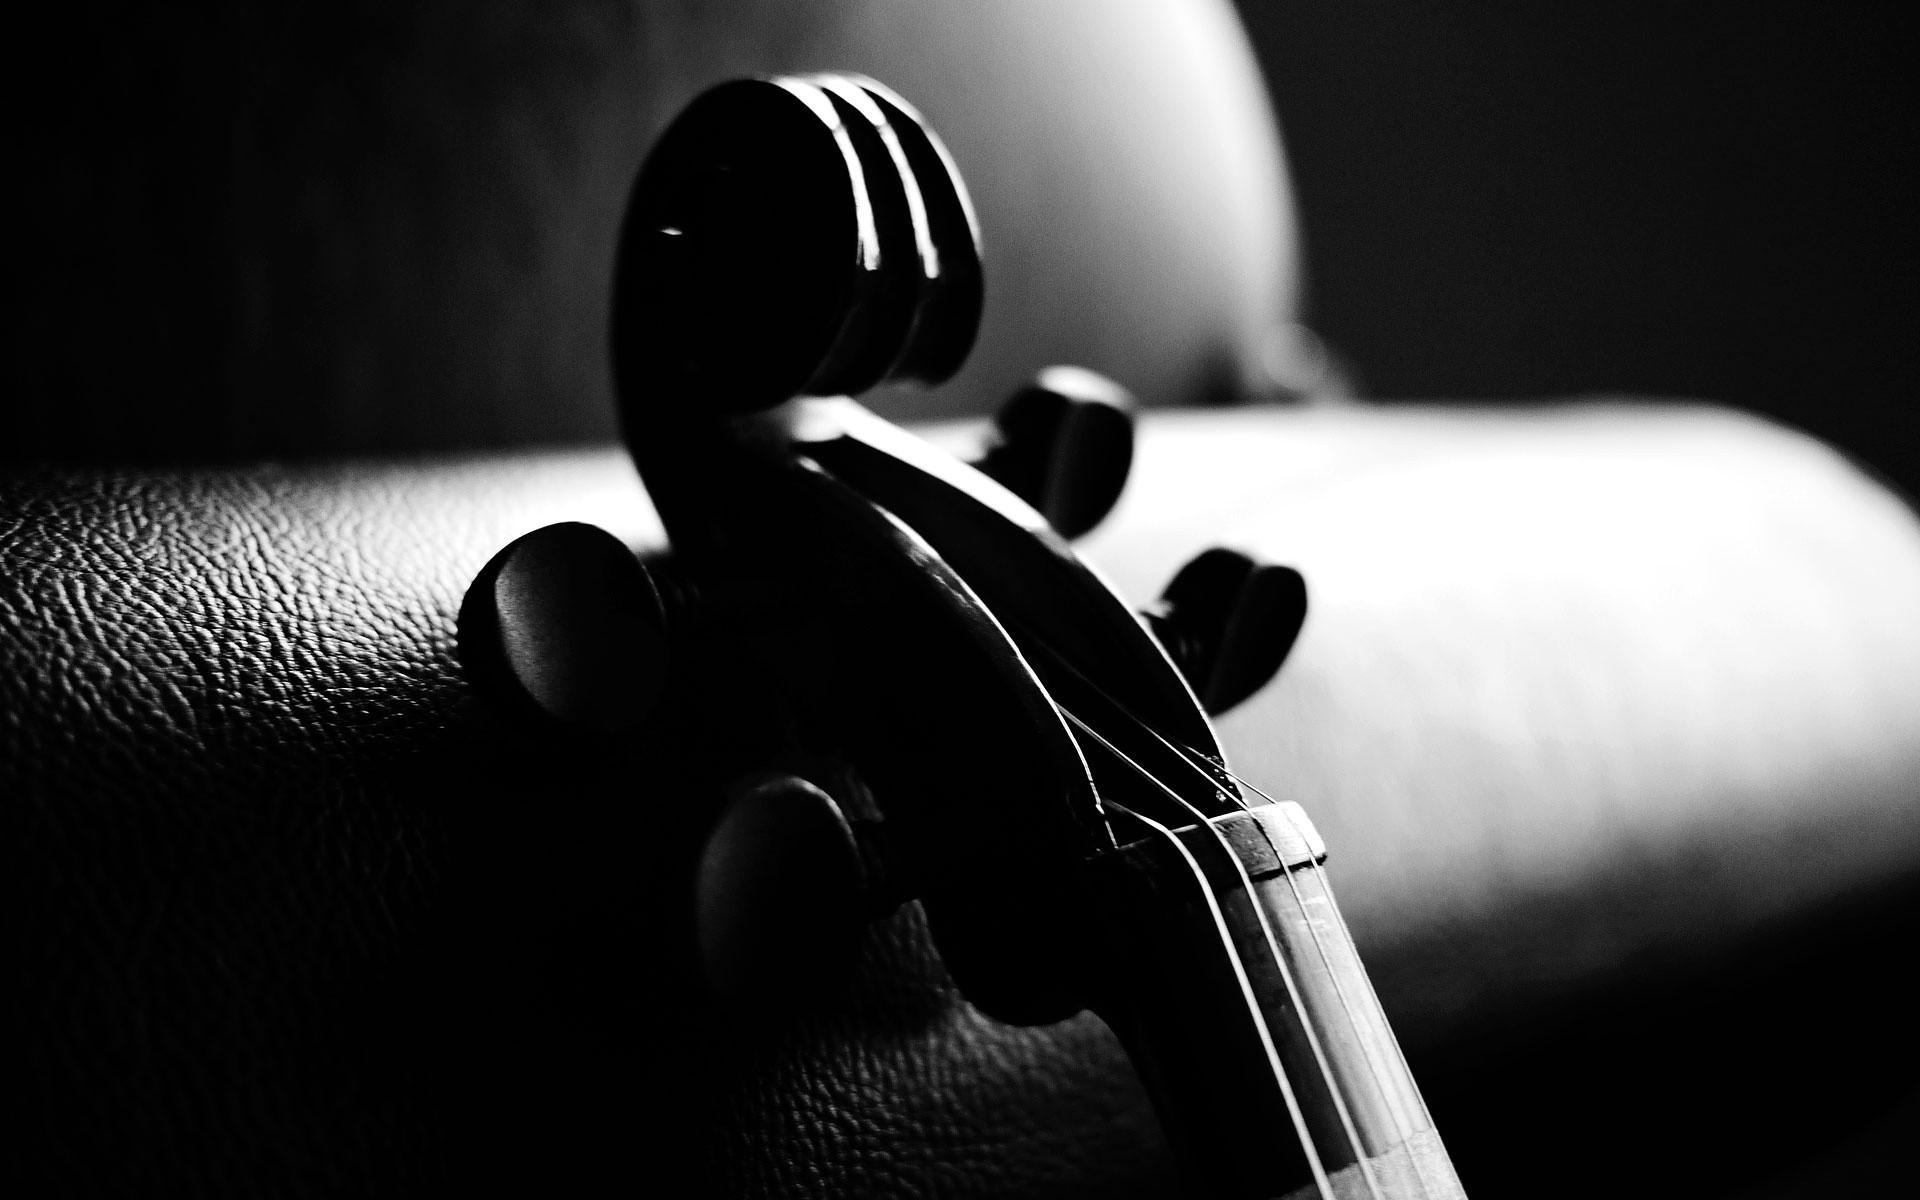 Violin And Piano Art Tone Wallpaper HD #6467 Wallpaper   Wallpaper .